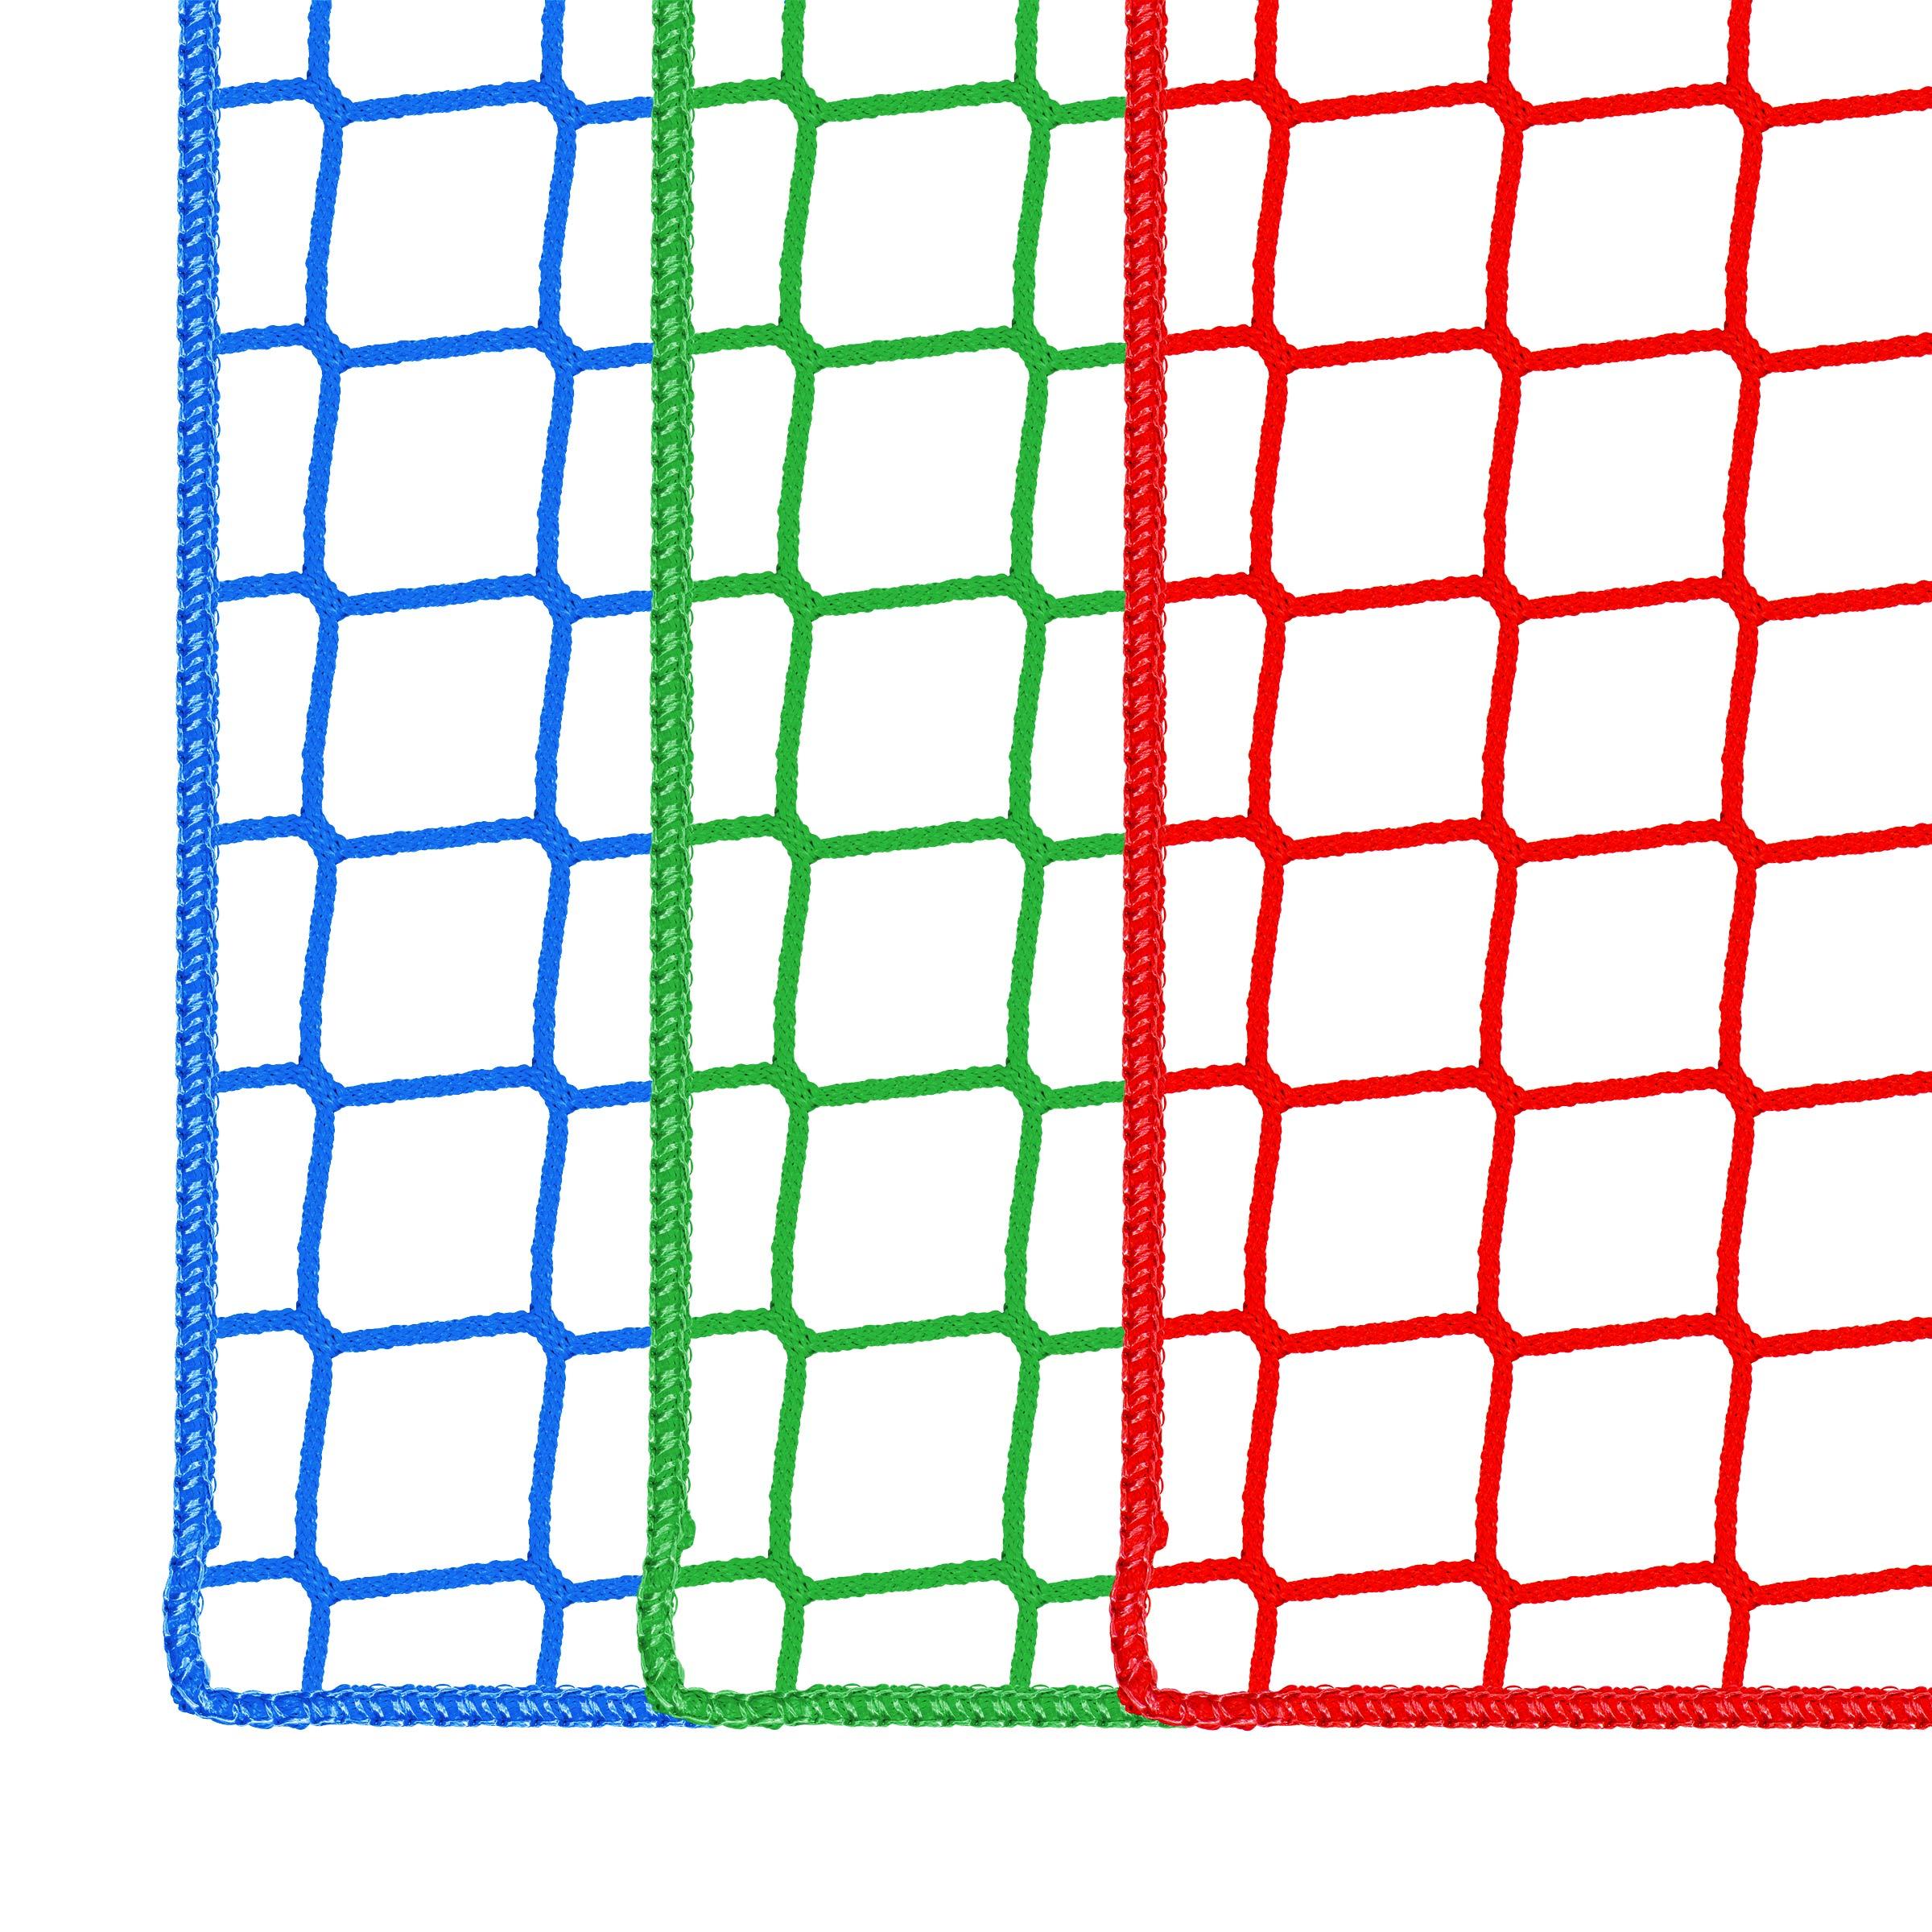 Seitenschutznetz MW 100 - 2,00 x 10,00 m